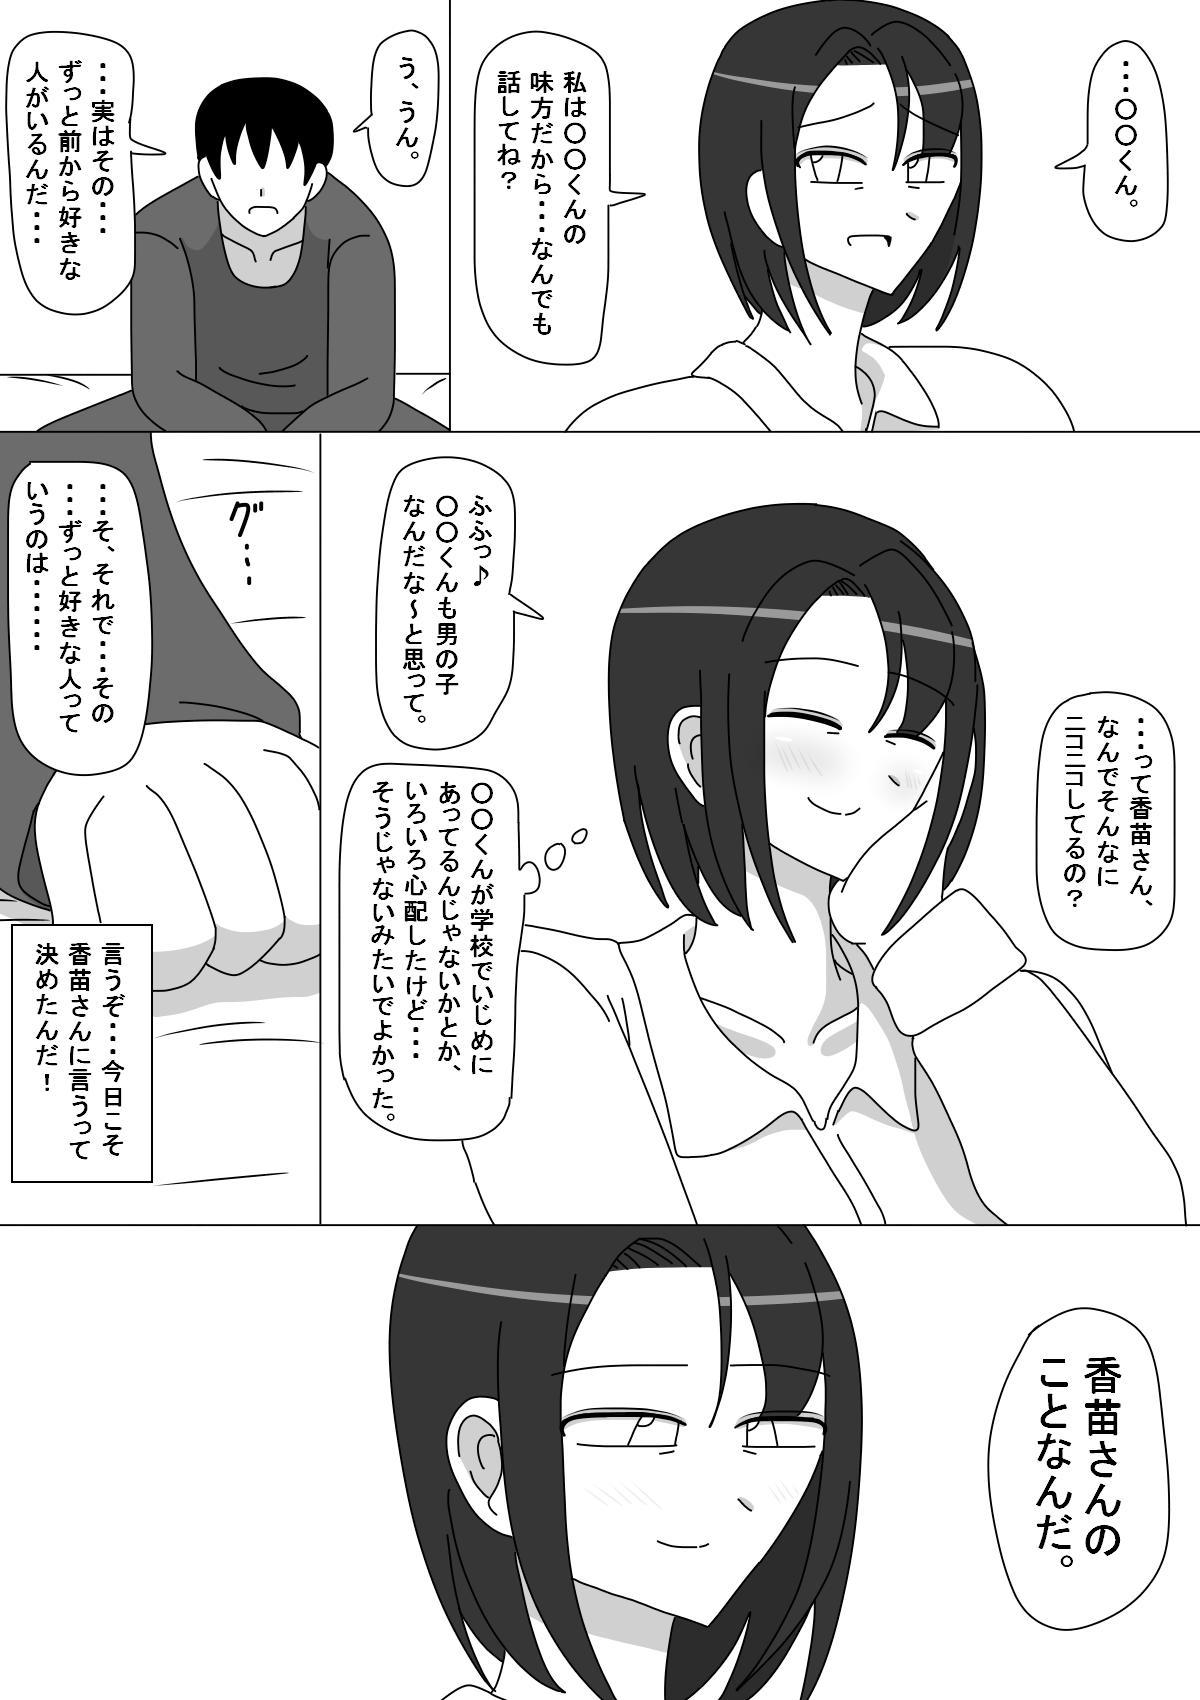 Kanae-san 4